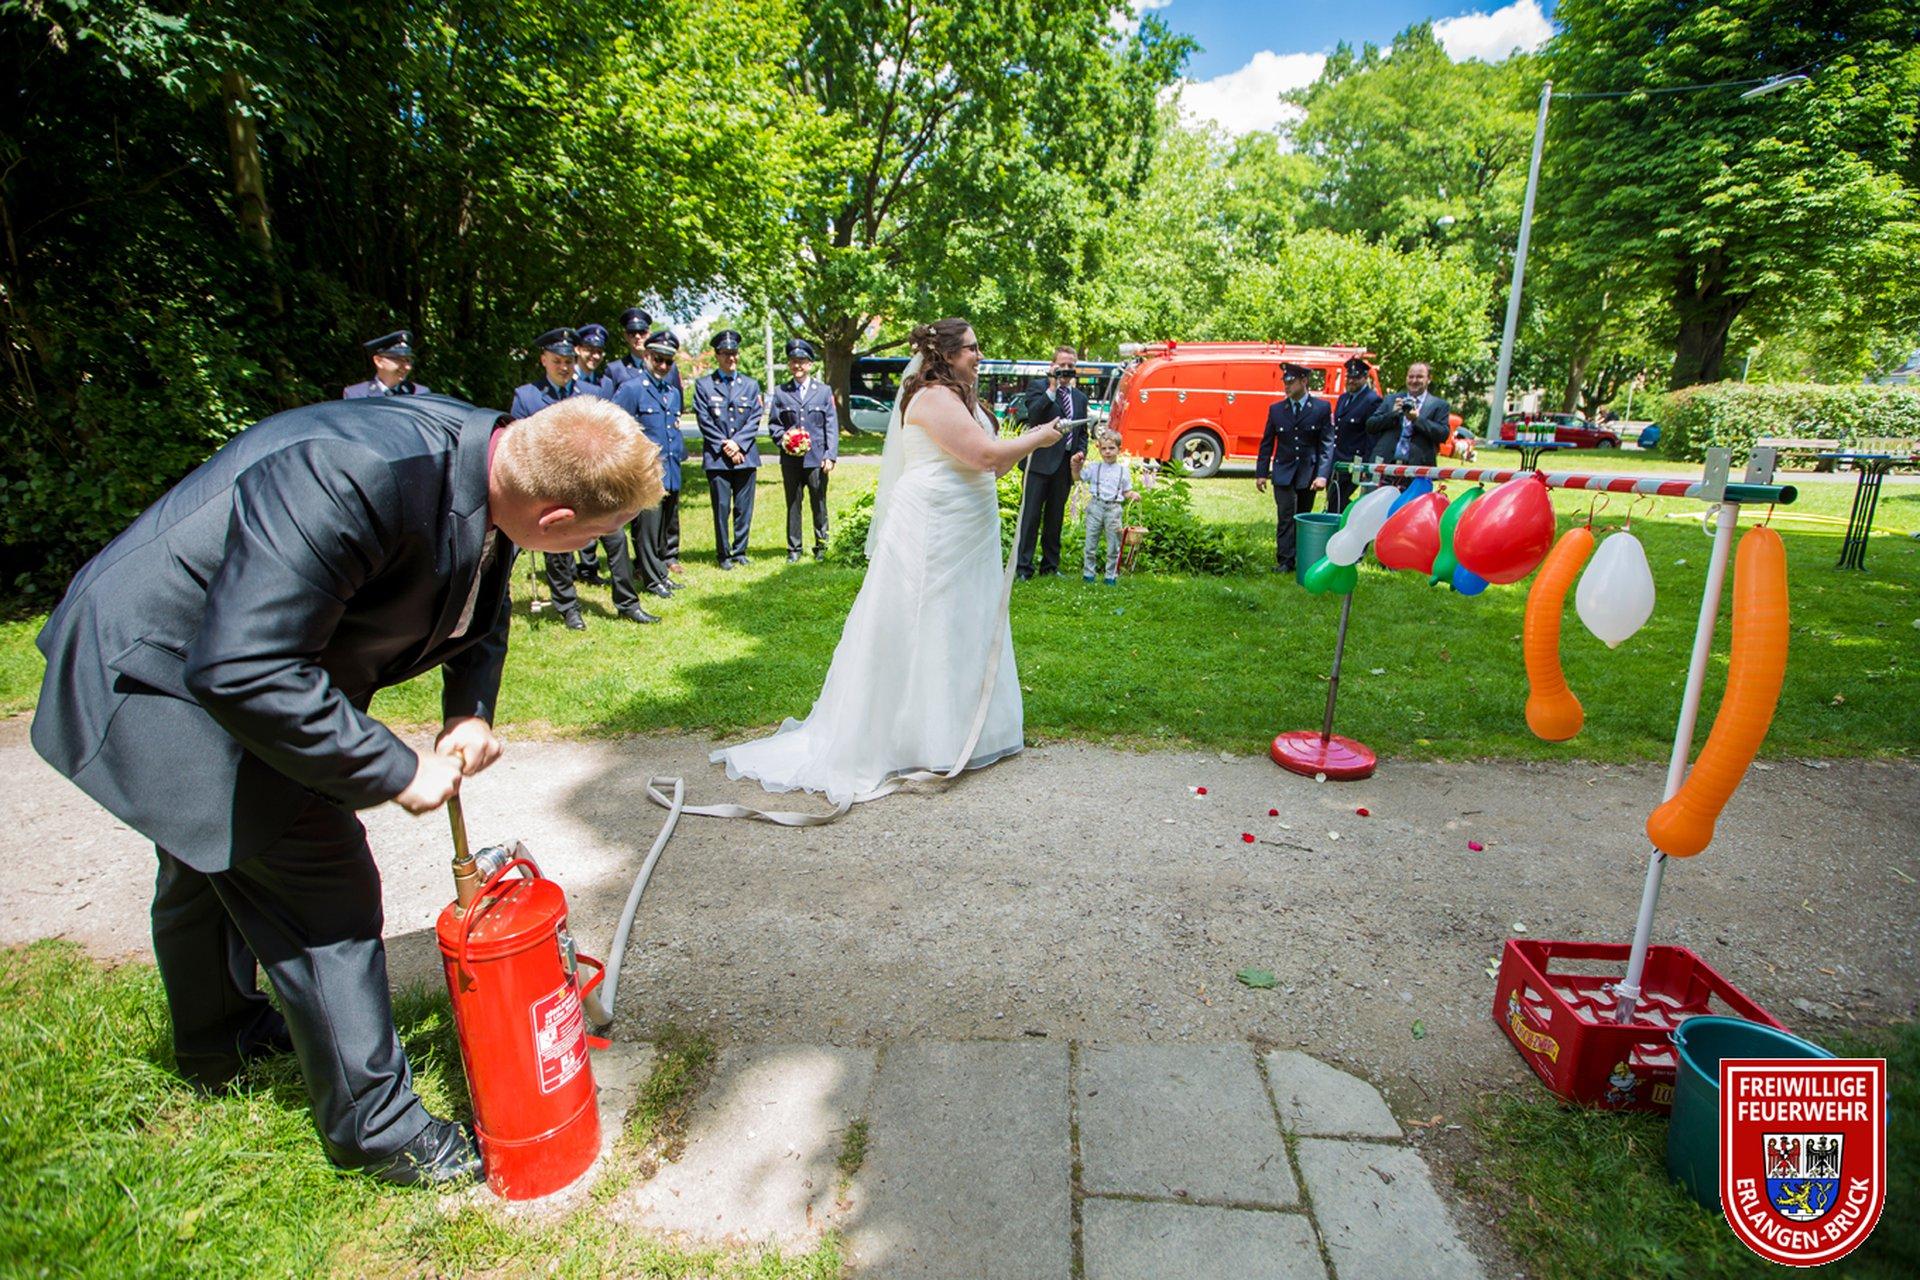 Freiwillige Feuerwehr Bruck E V Hochzeit In Der Feuerwehr